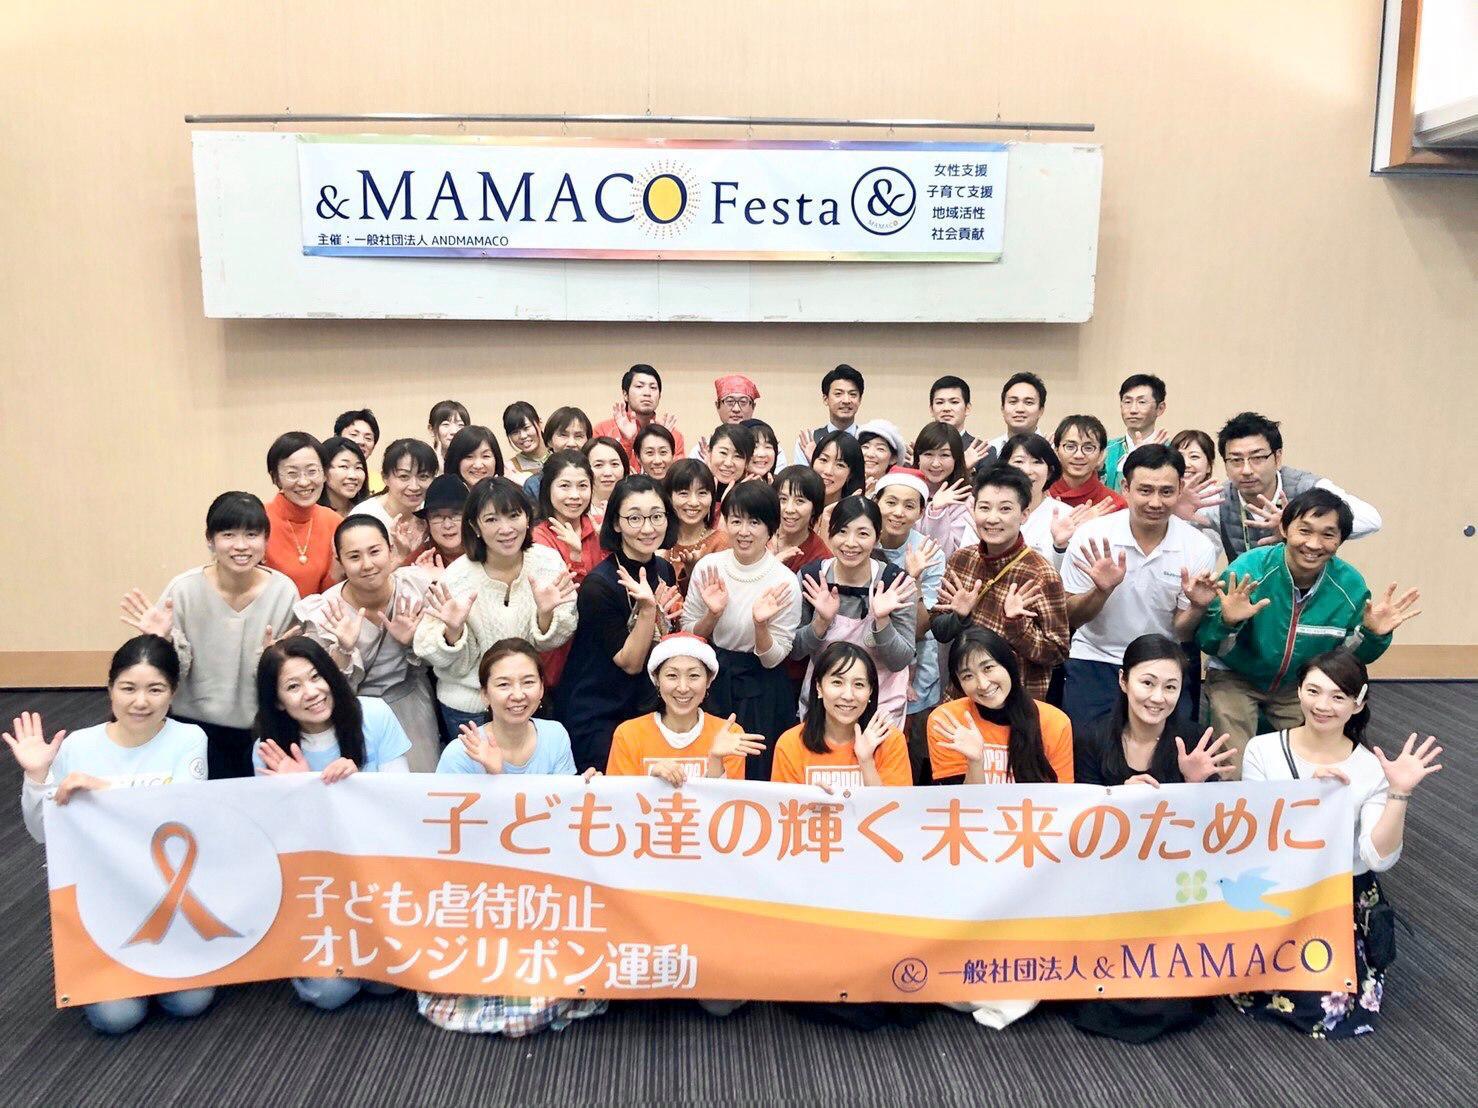 http://www.orangeribbon.jp/info/organization/1a10be23283f6bb9c48cda5ad03454b1086c463c.jpg